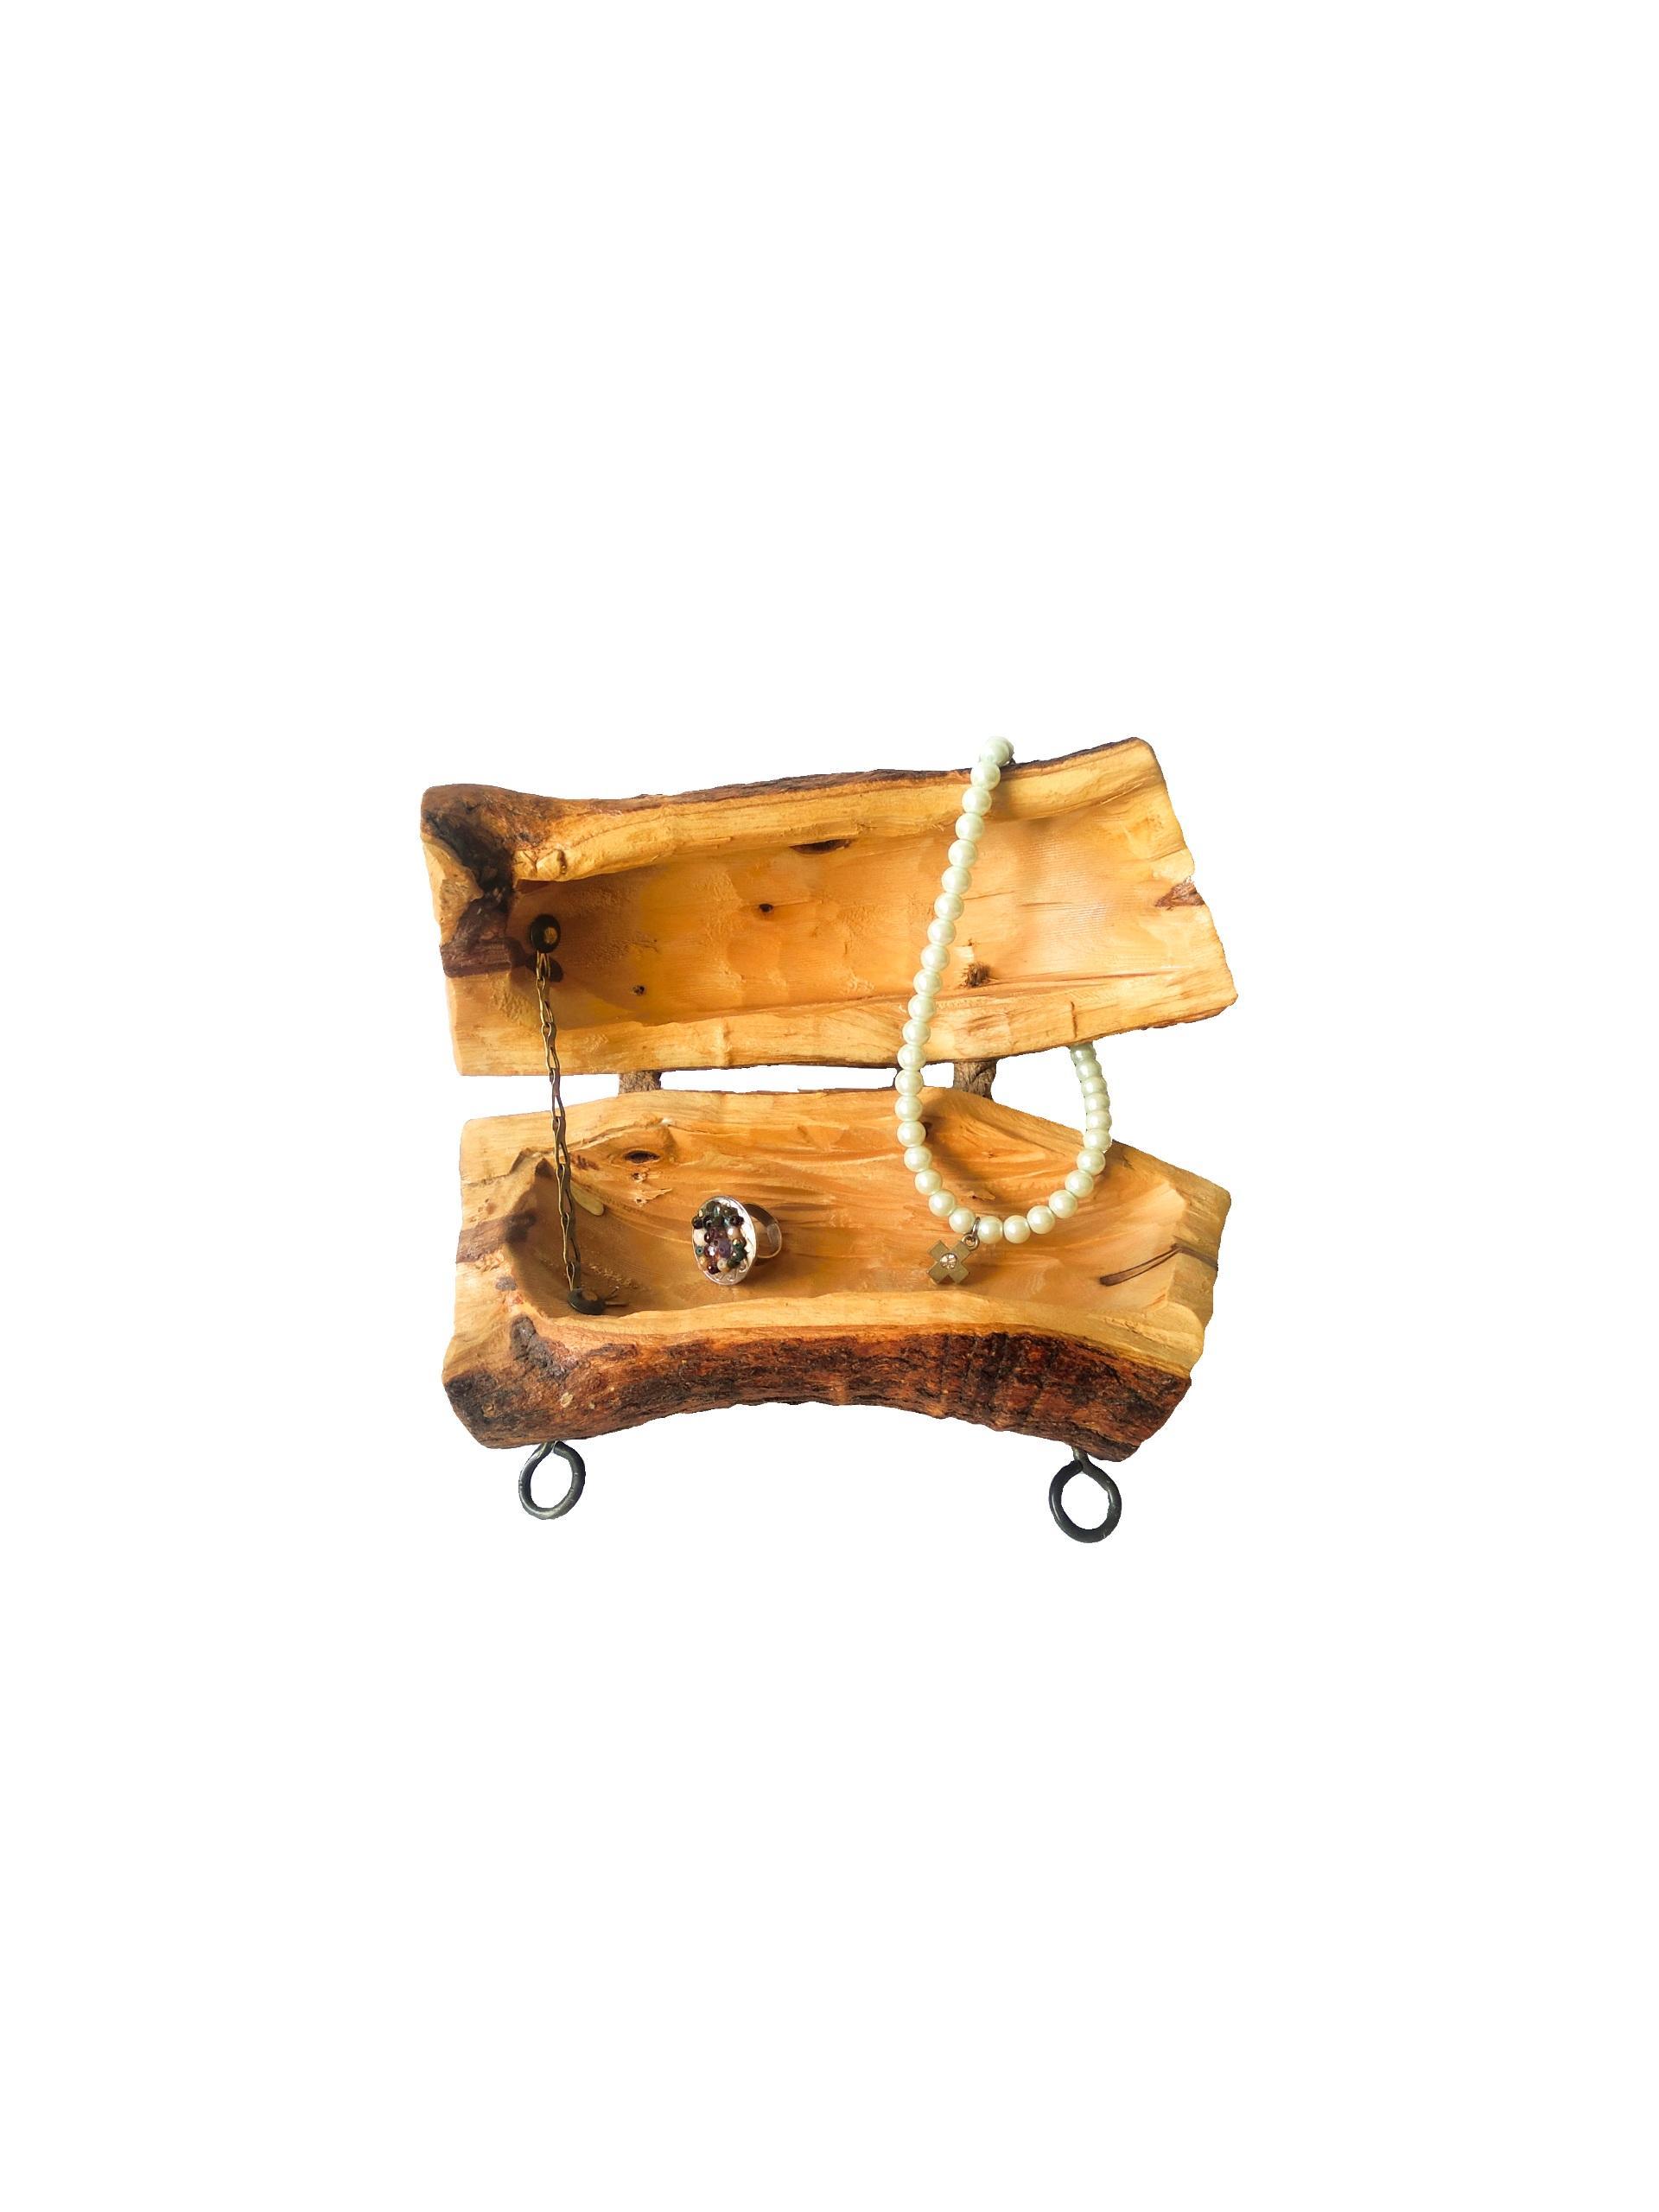 Βάση από ξύλο ελιάς BIZ04